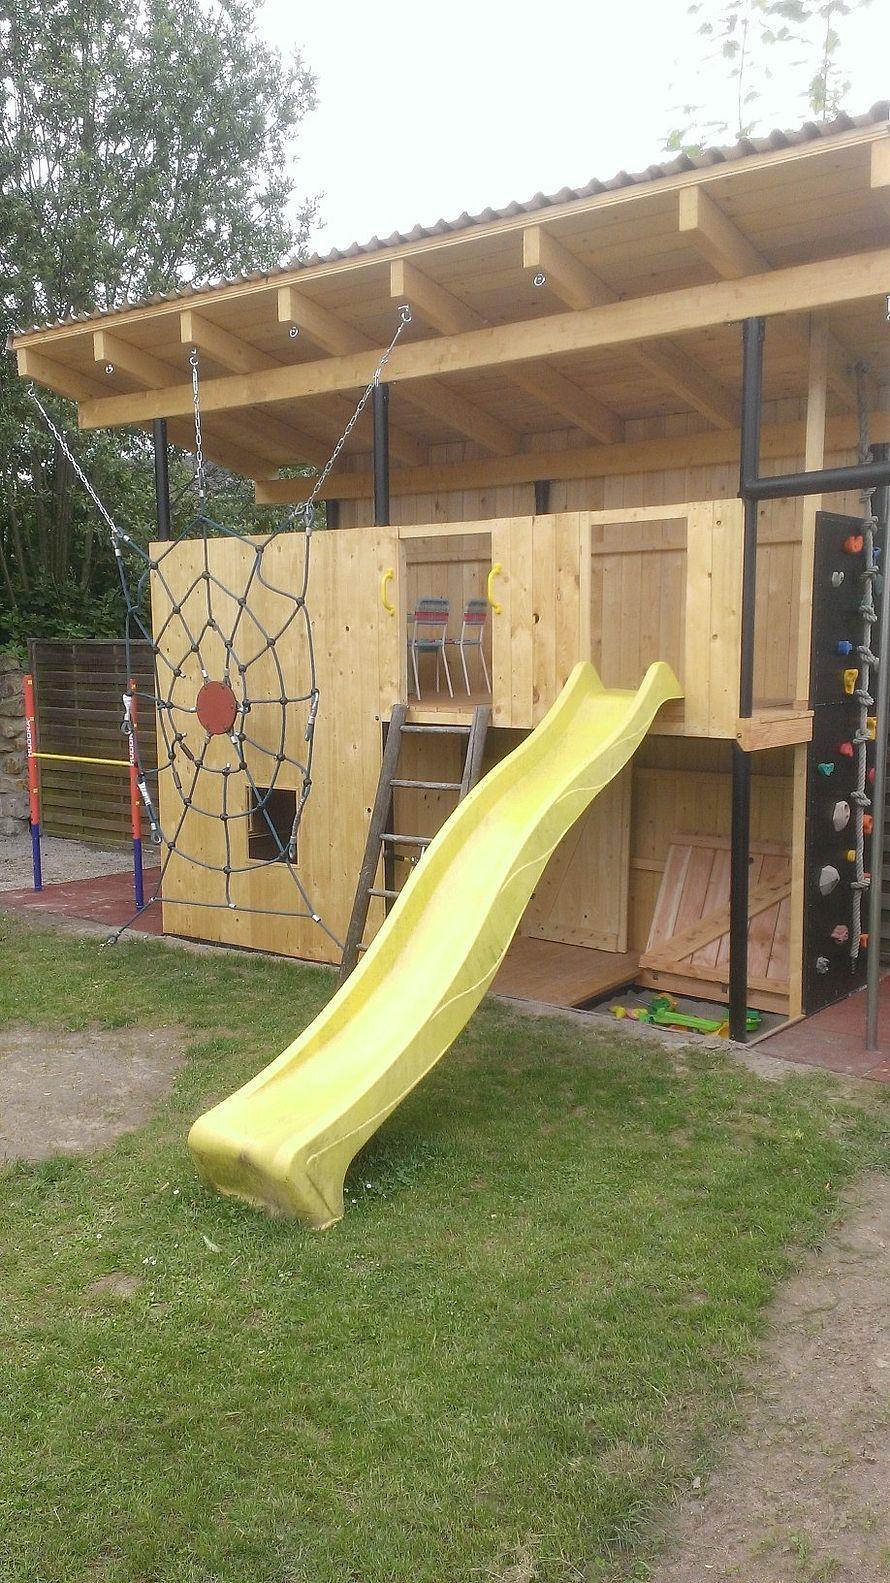 Gartenpavillon montieren ǀ toom Baumarkt Garten pavillon